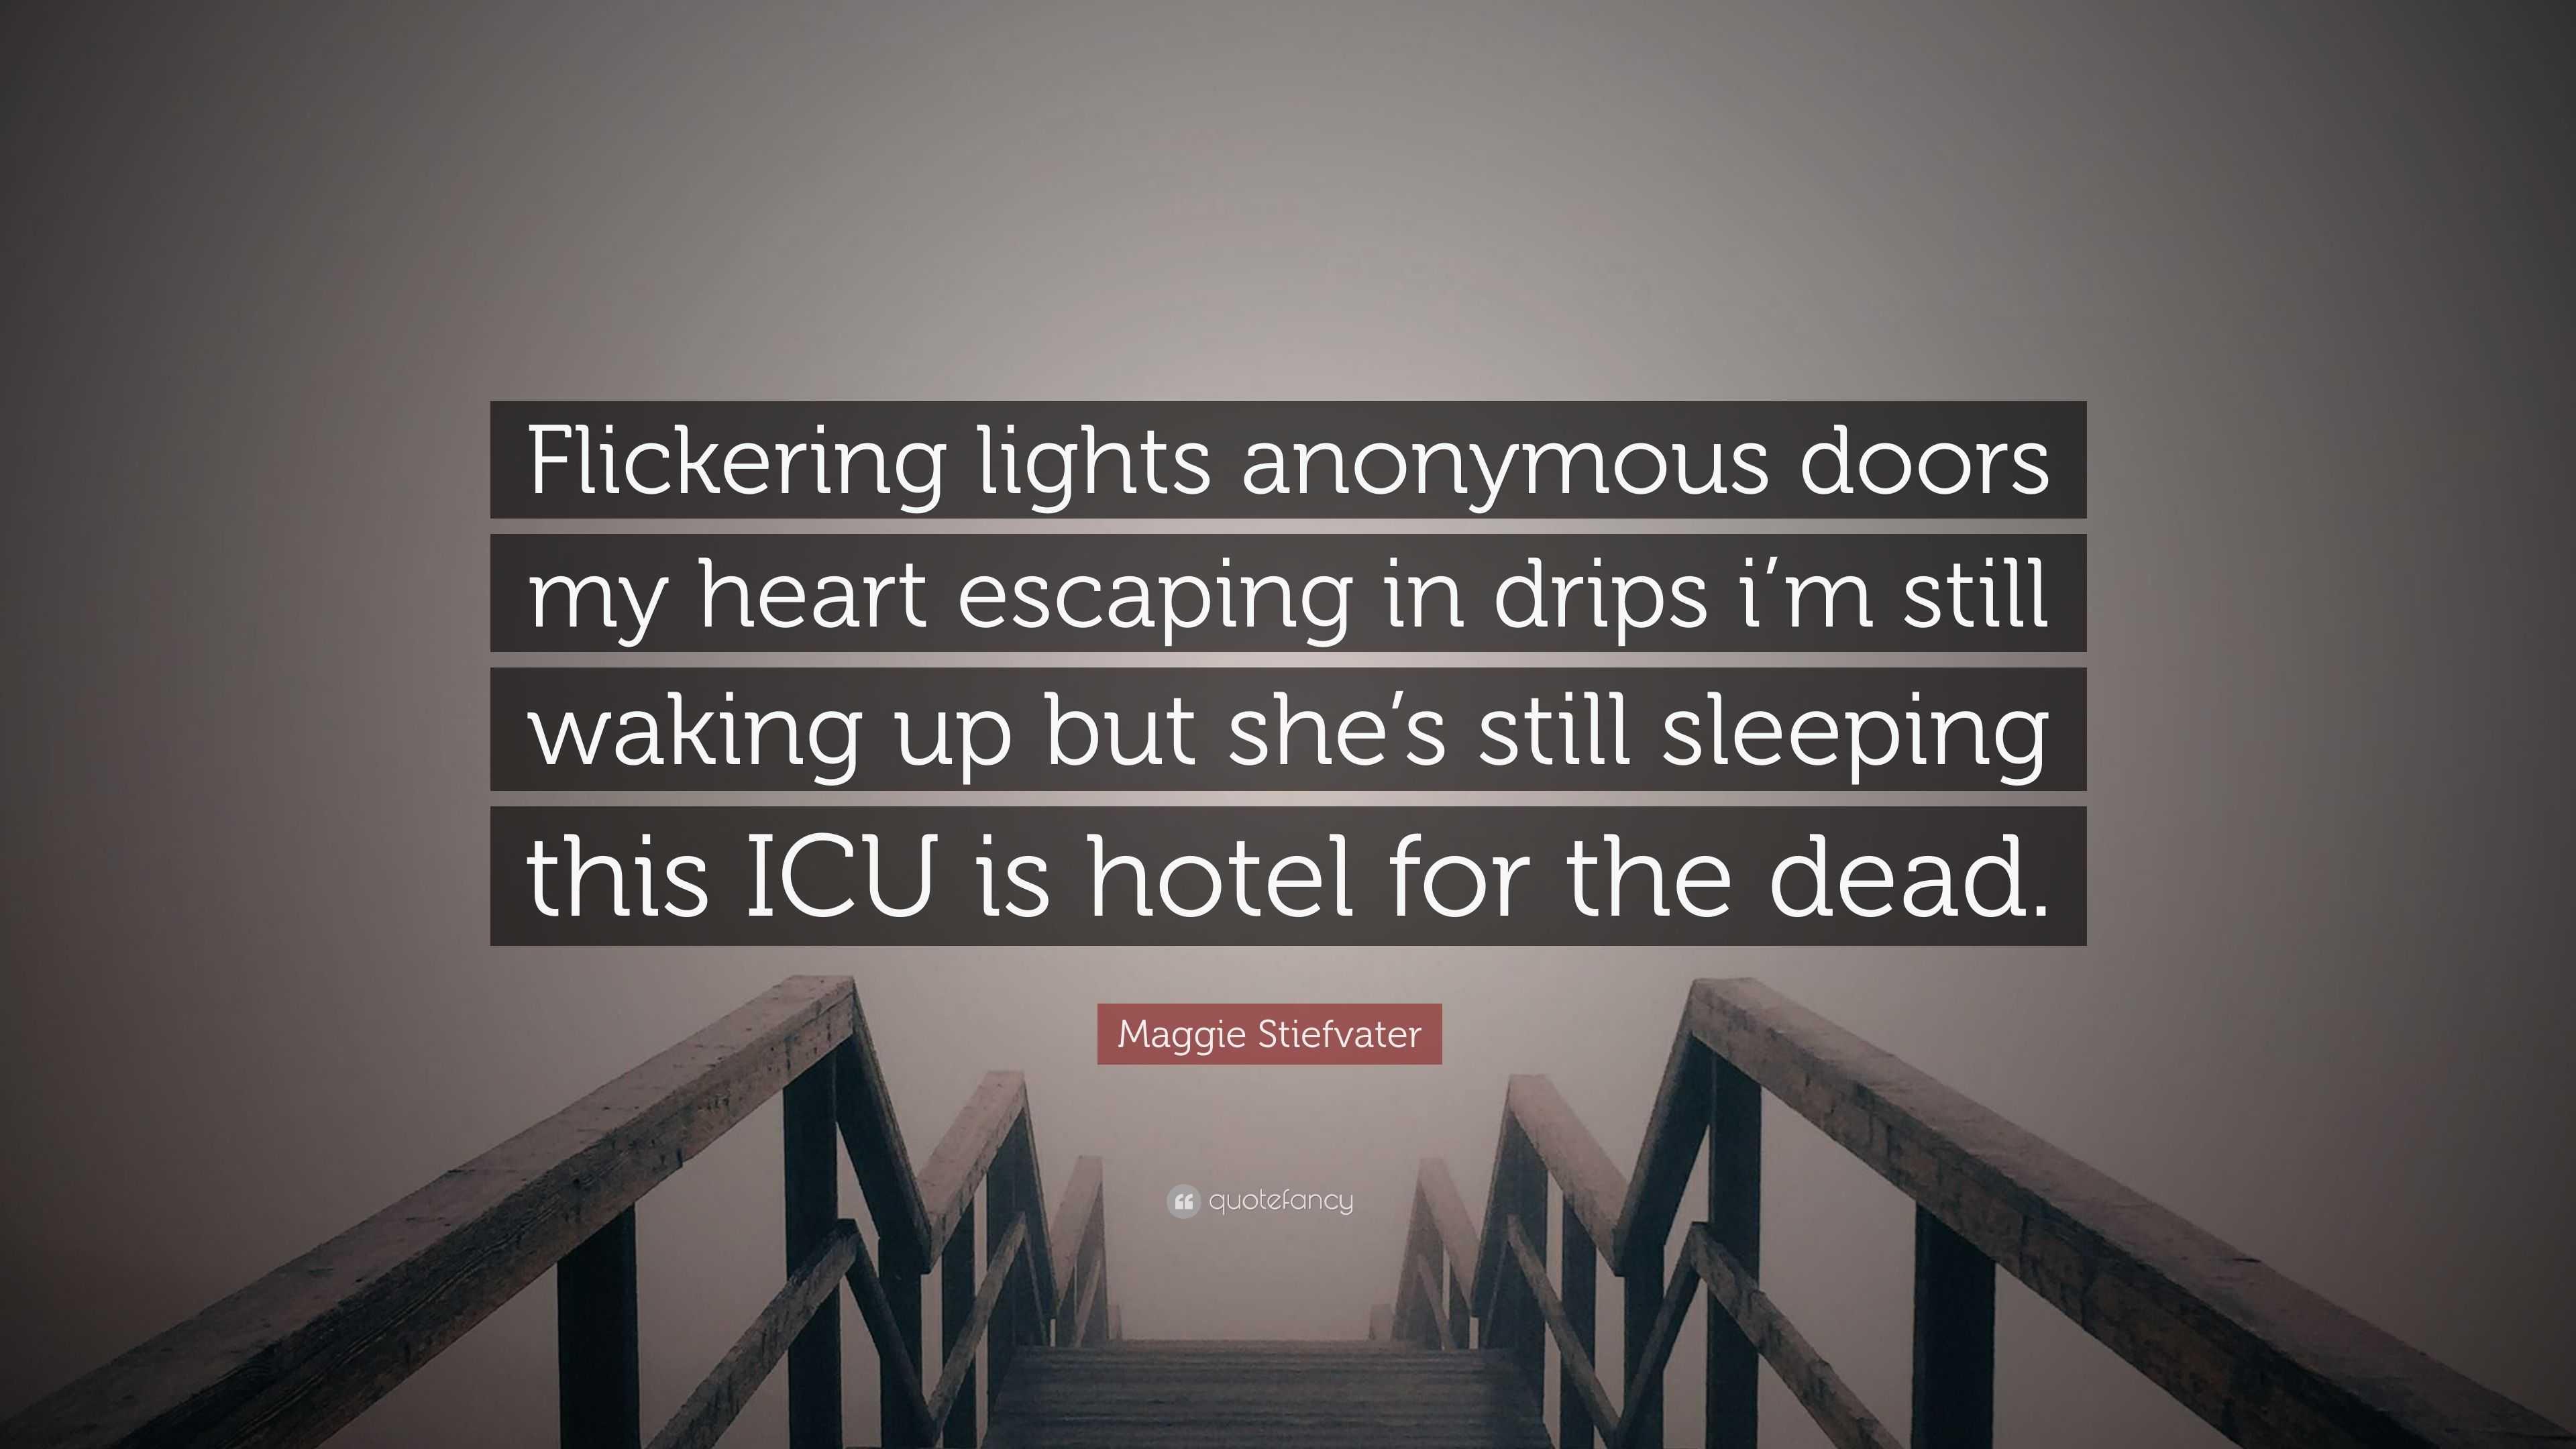 maggie stiefvater quote flickering lights anonymous doors my heart